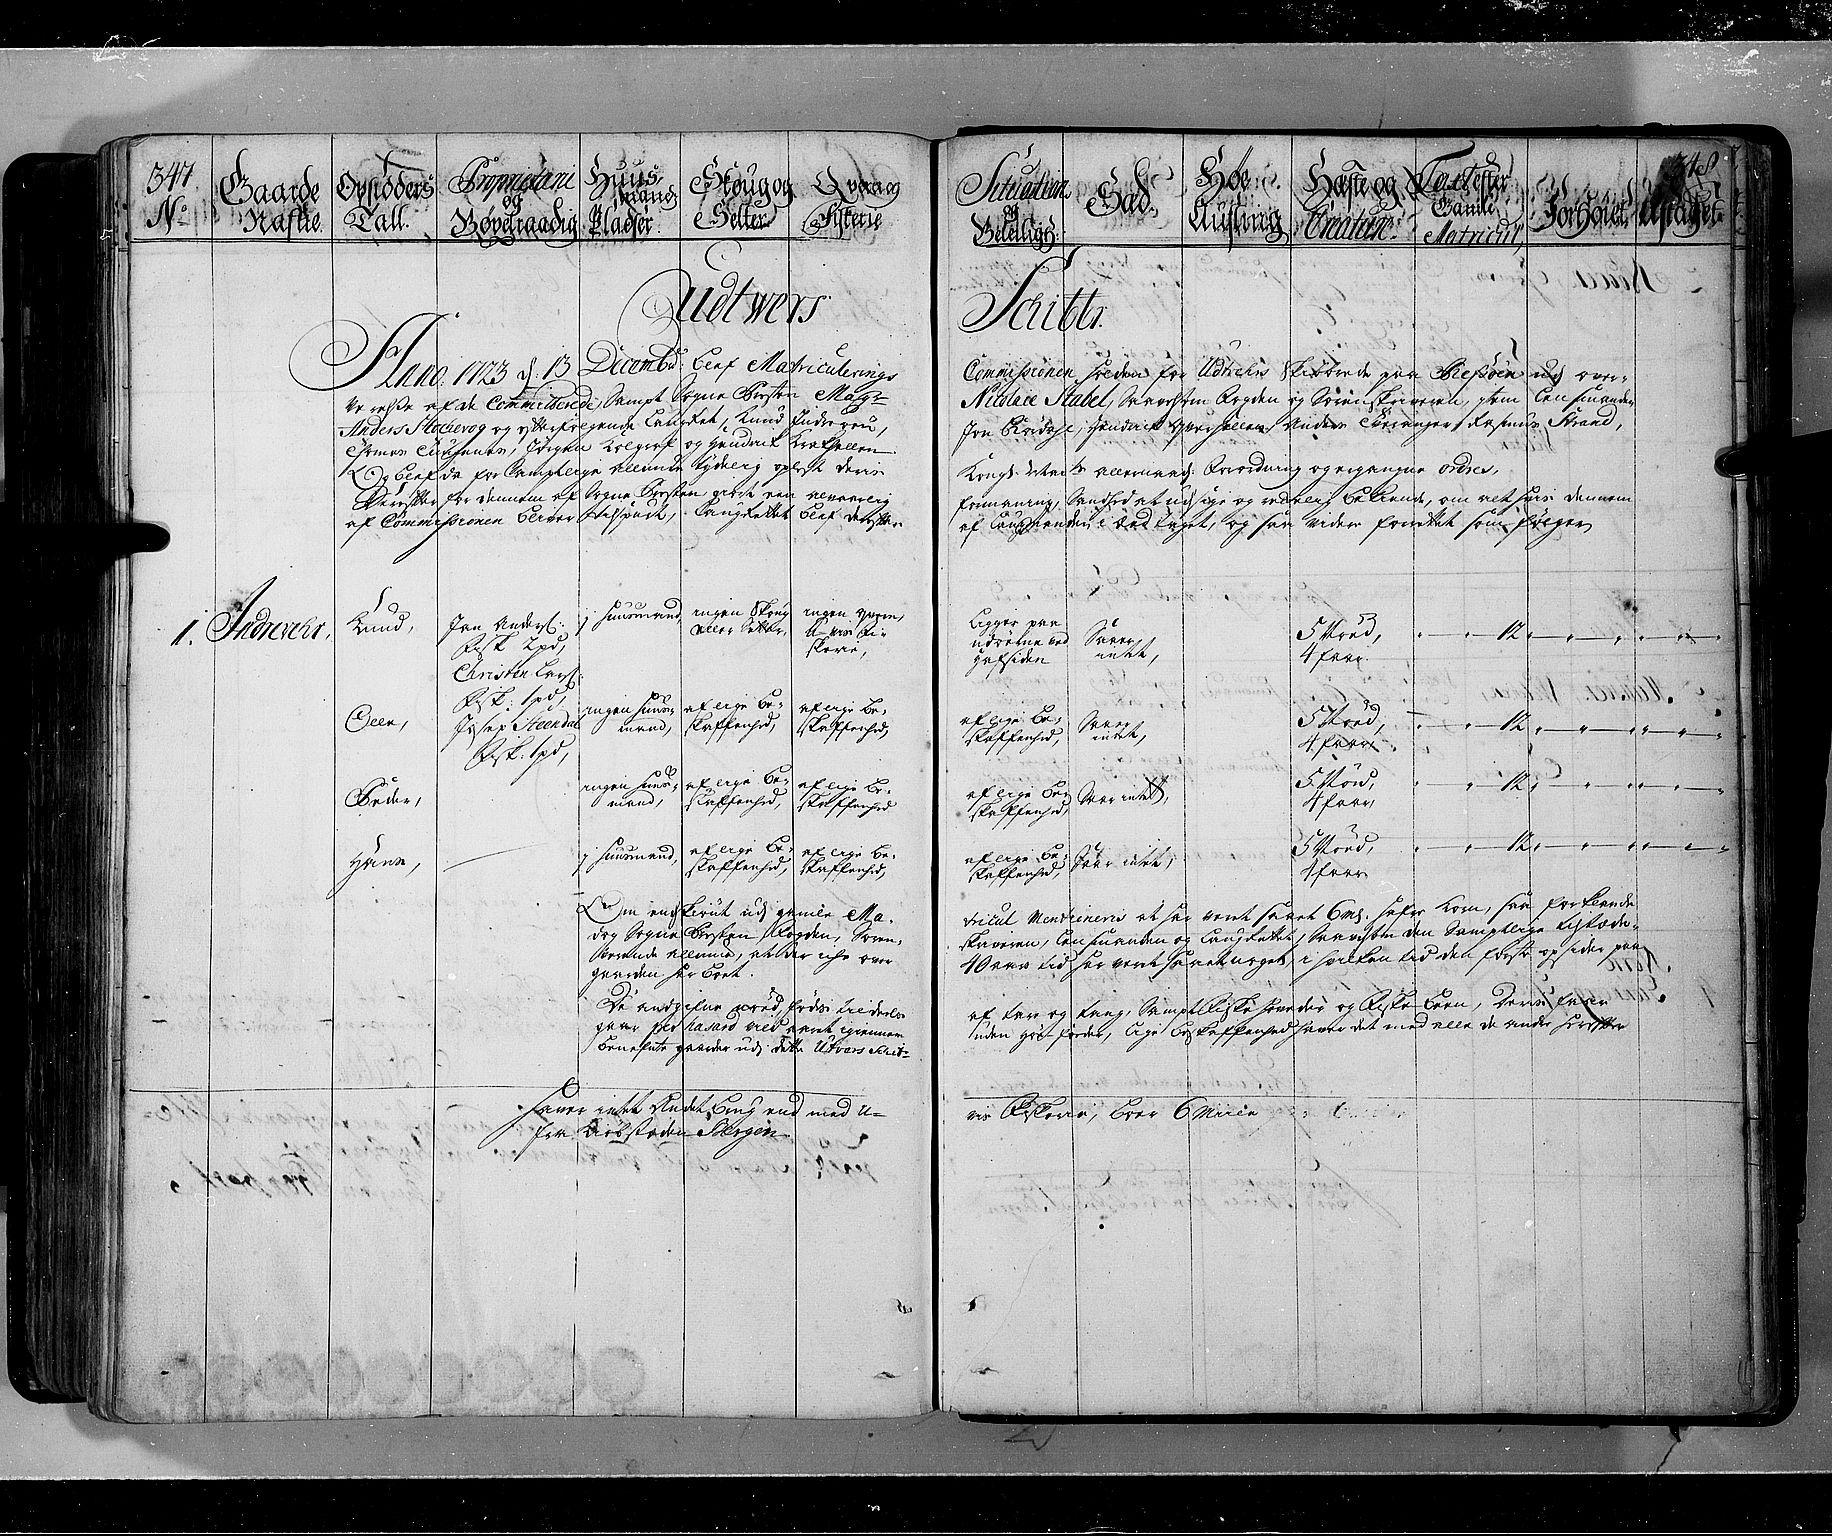 RA, Rentekammeret inntil 1814, Realistisk ordnet avdeling, N/Nb/Nbf/L0143: Ytre og Indre Sogn eksaminasjonsprotokoll, 1723, s. 347-348